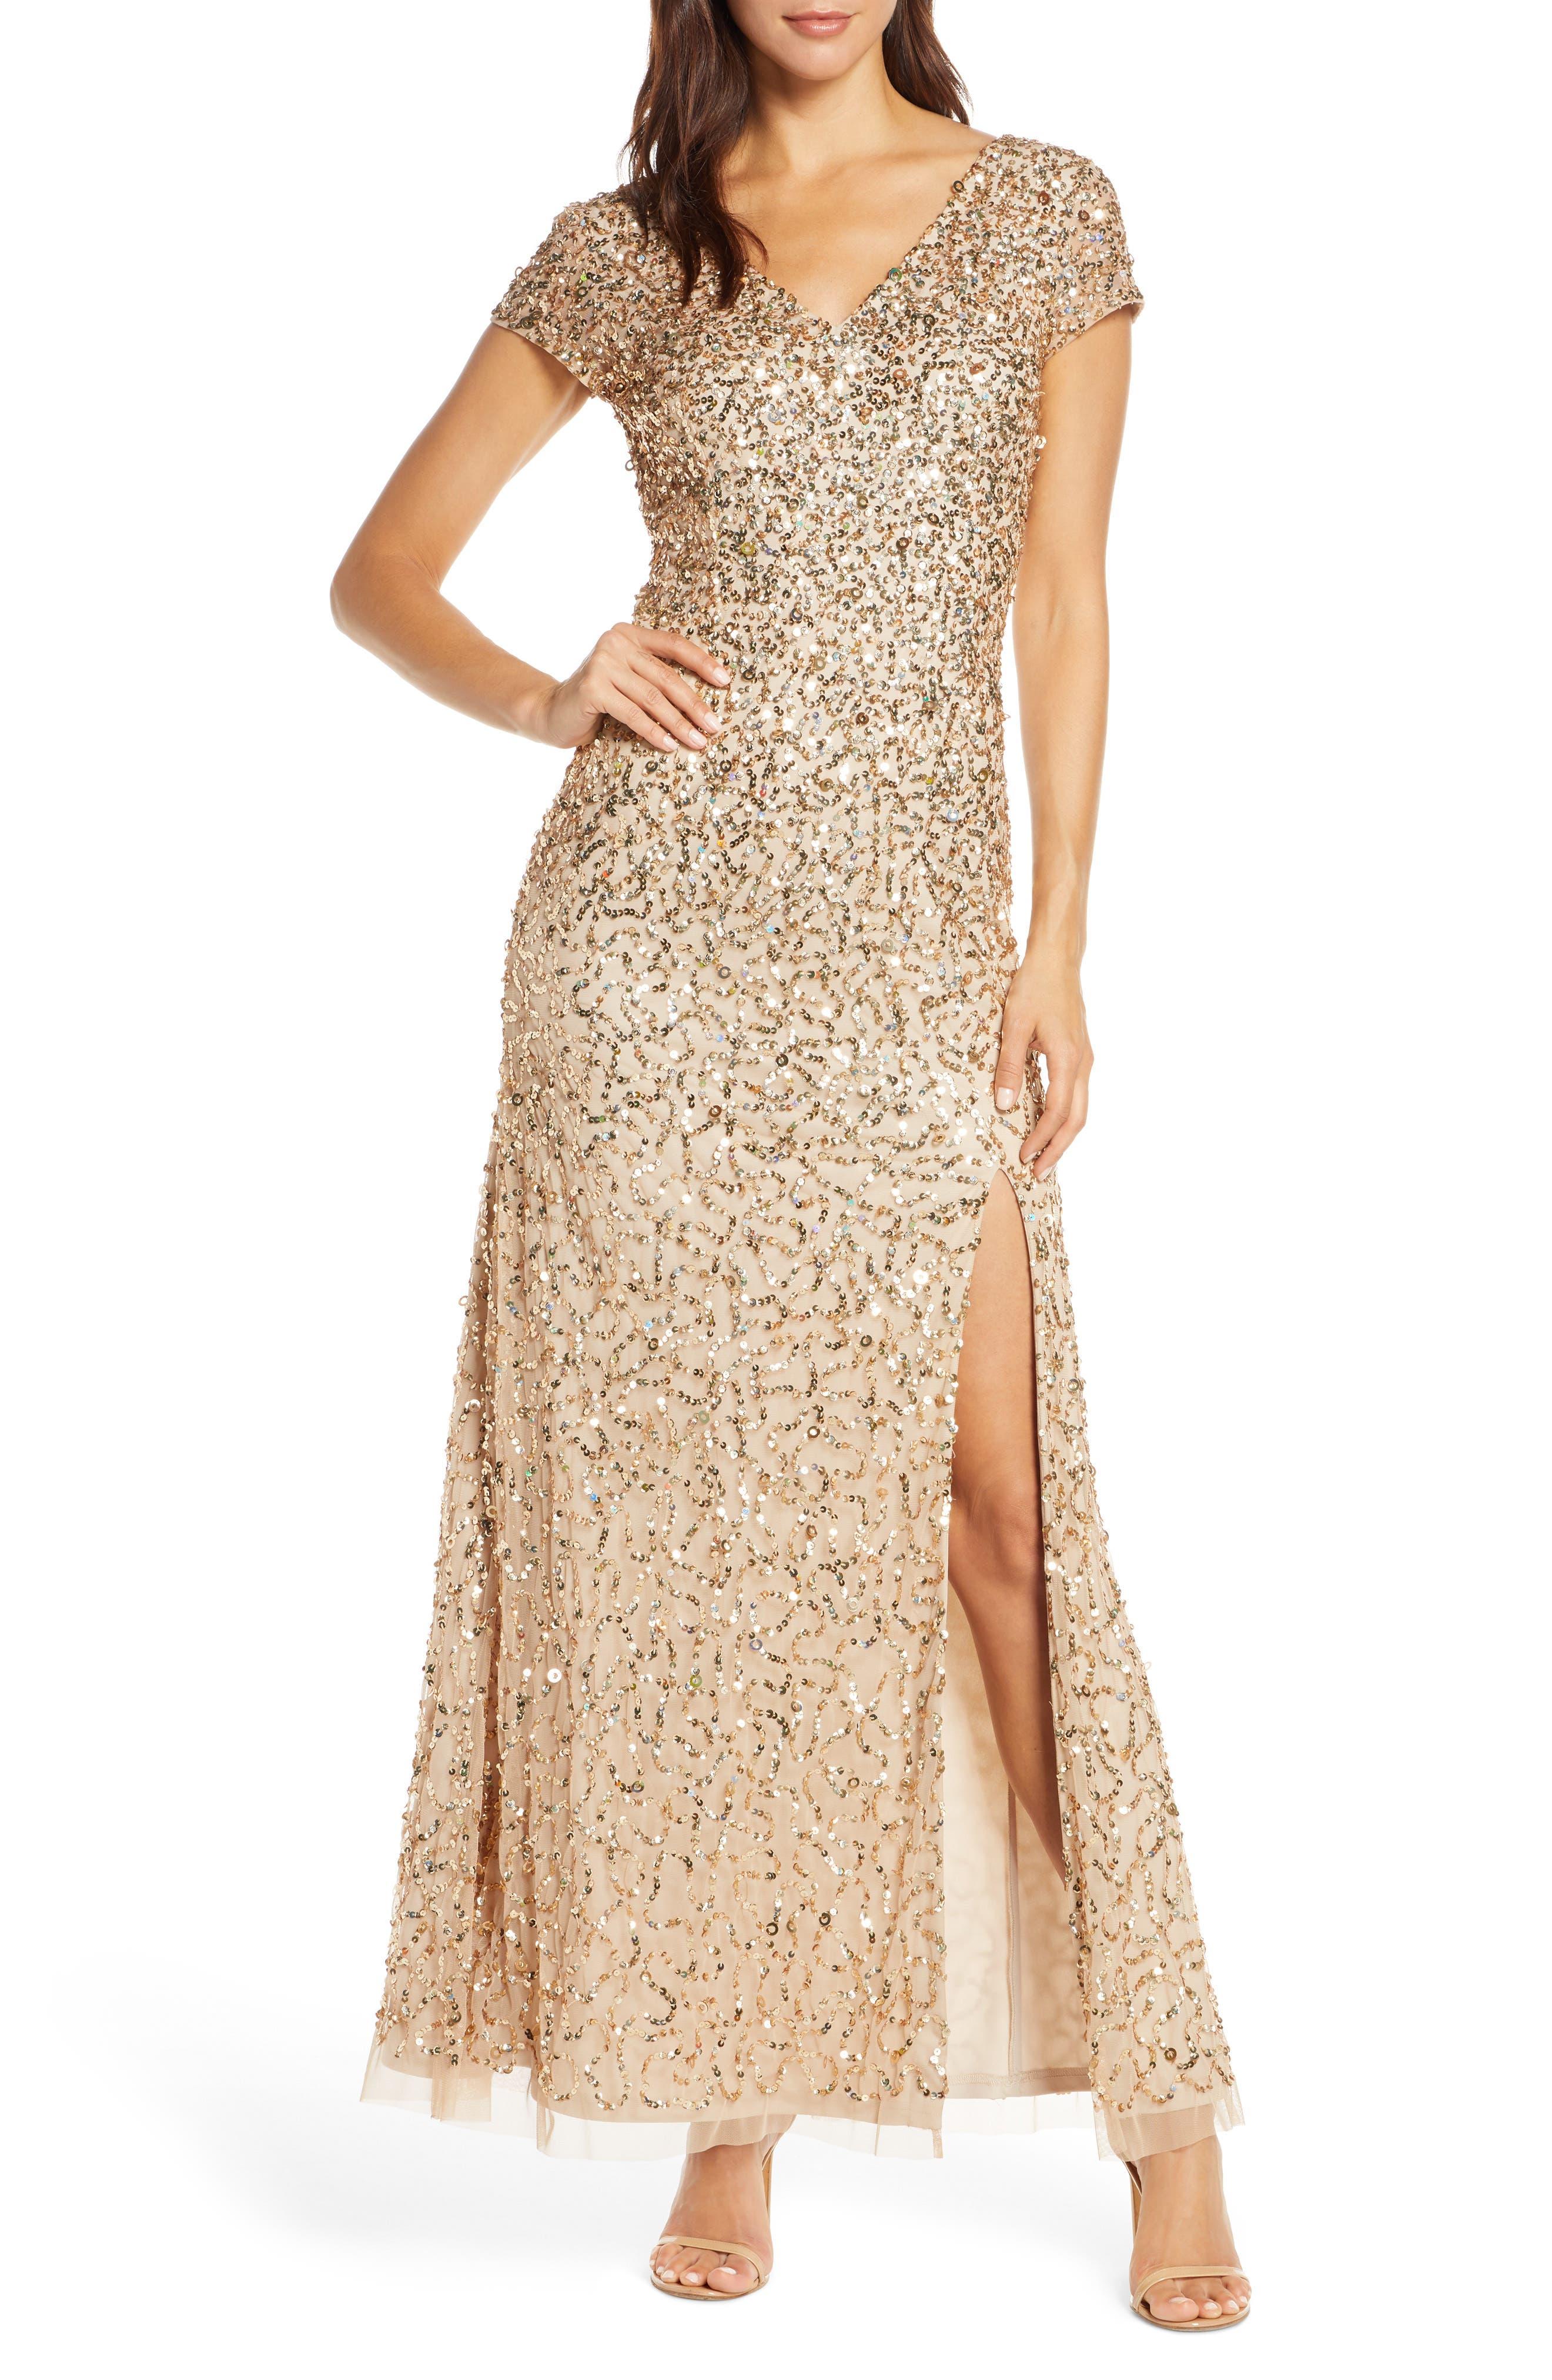 70s Dresses – Disco Dress, Hippie Dress, Wrap Dress Womens Adrianna Papell Beaded V-Neck Evening Gown $260.10 AT vintagedancer.com